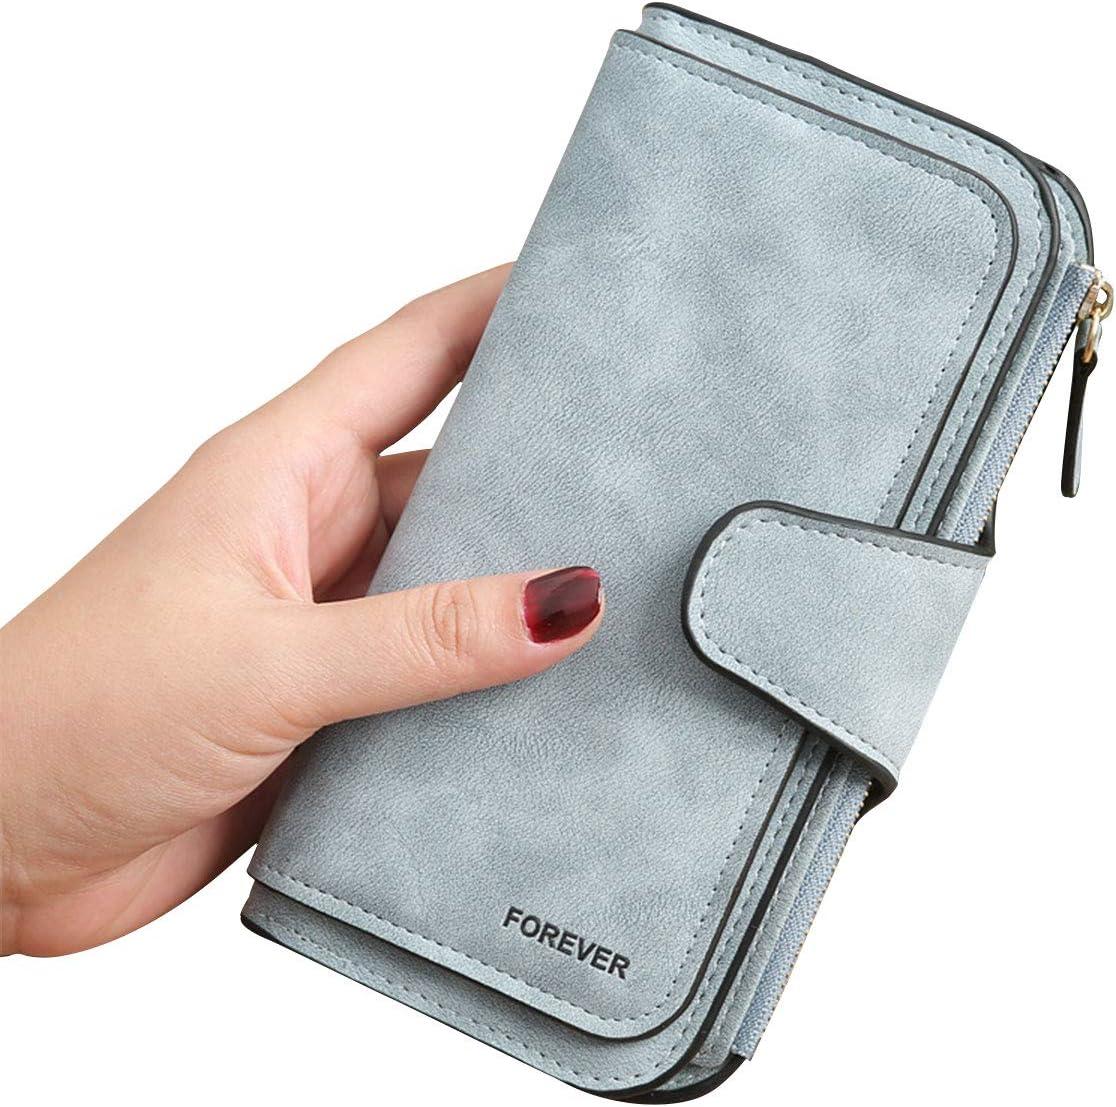 3 PCS Gran Capacidad Cartera de Cuero de Mujer, Bloqueo RFID Monedero de Piel para Señora, Larga Billetera de Mujer con Bolsillo de Cremallera y Correas de Muñeca (Azul)